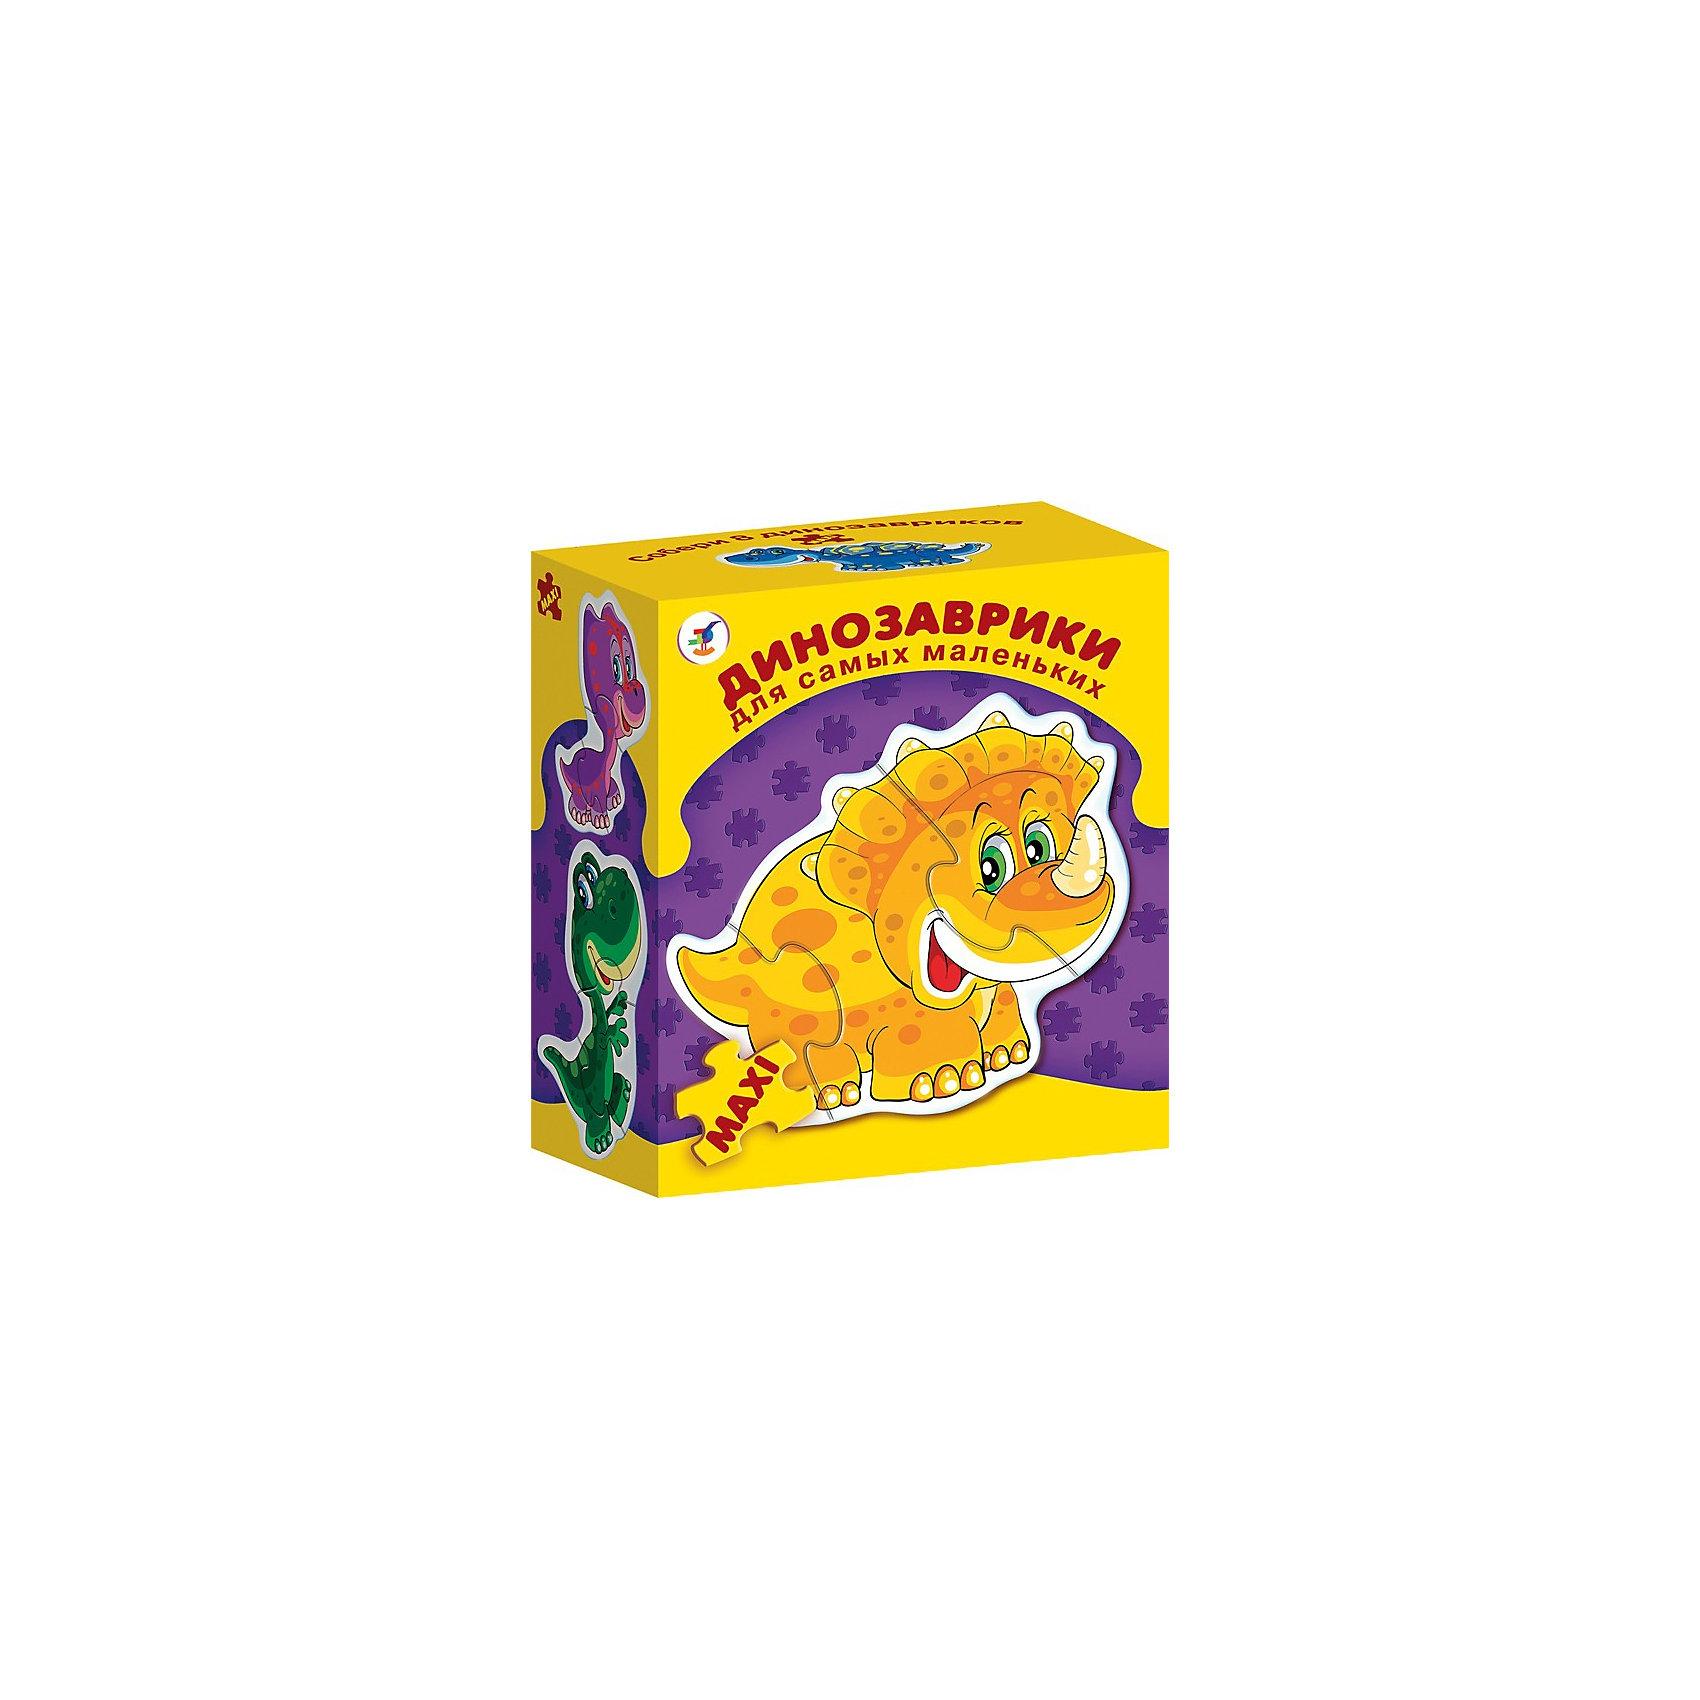 Дрофа-Медиа Динозаврики. Серия Для самых маленькихПазлы для малышей<br>Развивающая игра Динозаврики. Серия Для самых маленьких,  Дрофа-Медиа (Drofa-media).<br><br>Игра прекрасно подходит для первого знакомства малыша с мозаикой, способствует формированию навыка соединения целого изображения из двух-трёх элементов. В игре набор из восьми динозавриков, состоящих из крупных деталей, которые соединяются с помощью пазлового замка и вставляются в рамку. Игры этой серии помогают в развитии зрительного восприятия, мелкой моторики и координации движений рук, наглядно-образного мышления, памяти и внимания.<br><br>Станет прекрасным подарком Вашему малышу!<br><br>Дополнительная информация: <br><br>- В комплекте: 8 фигурных пазлов-динозавриков<br>- Размер собираемой картинки: 120 х 150 мм<br>- Размер упаковки: 155 х 85 х 185 мм<br>- Вес: 235 г.<br><br>Развивающую игру Динозаврики. Серия Для самых маленьких,  Дрофа-Медиа (Drofa-media) можно купить в нашем интернет-магазине.<br><br>Ширина мм: 155<br>Глубина мм: 85<br>Высота мм: 185<br>Вес г: 235<br>Возраст от месяцев: 24<br>Возраст до месяцев: 60<br>Пол: Унисекс<br>Возраст: Детский<br>SKU: 2281337